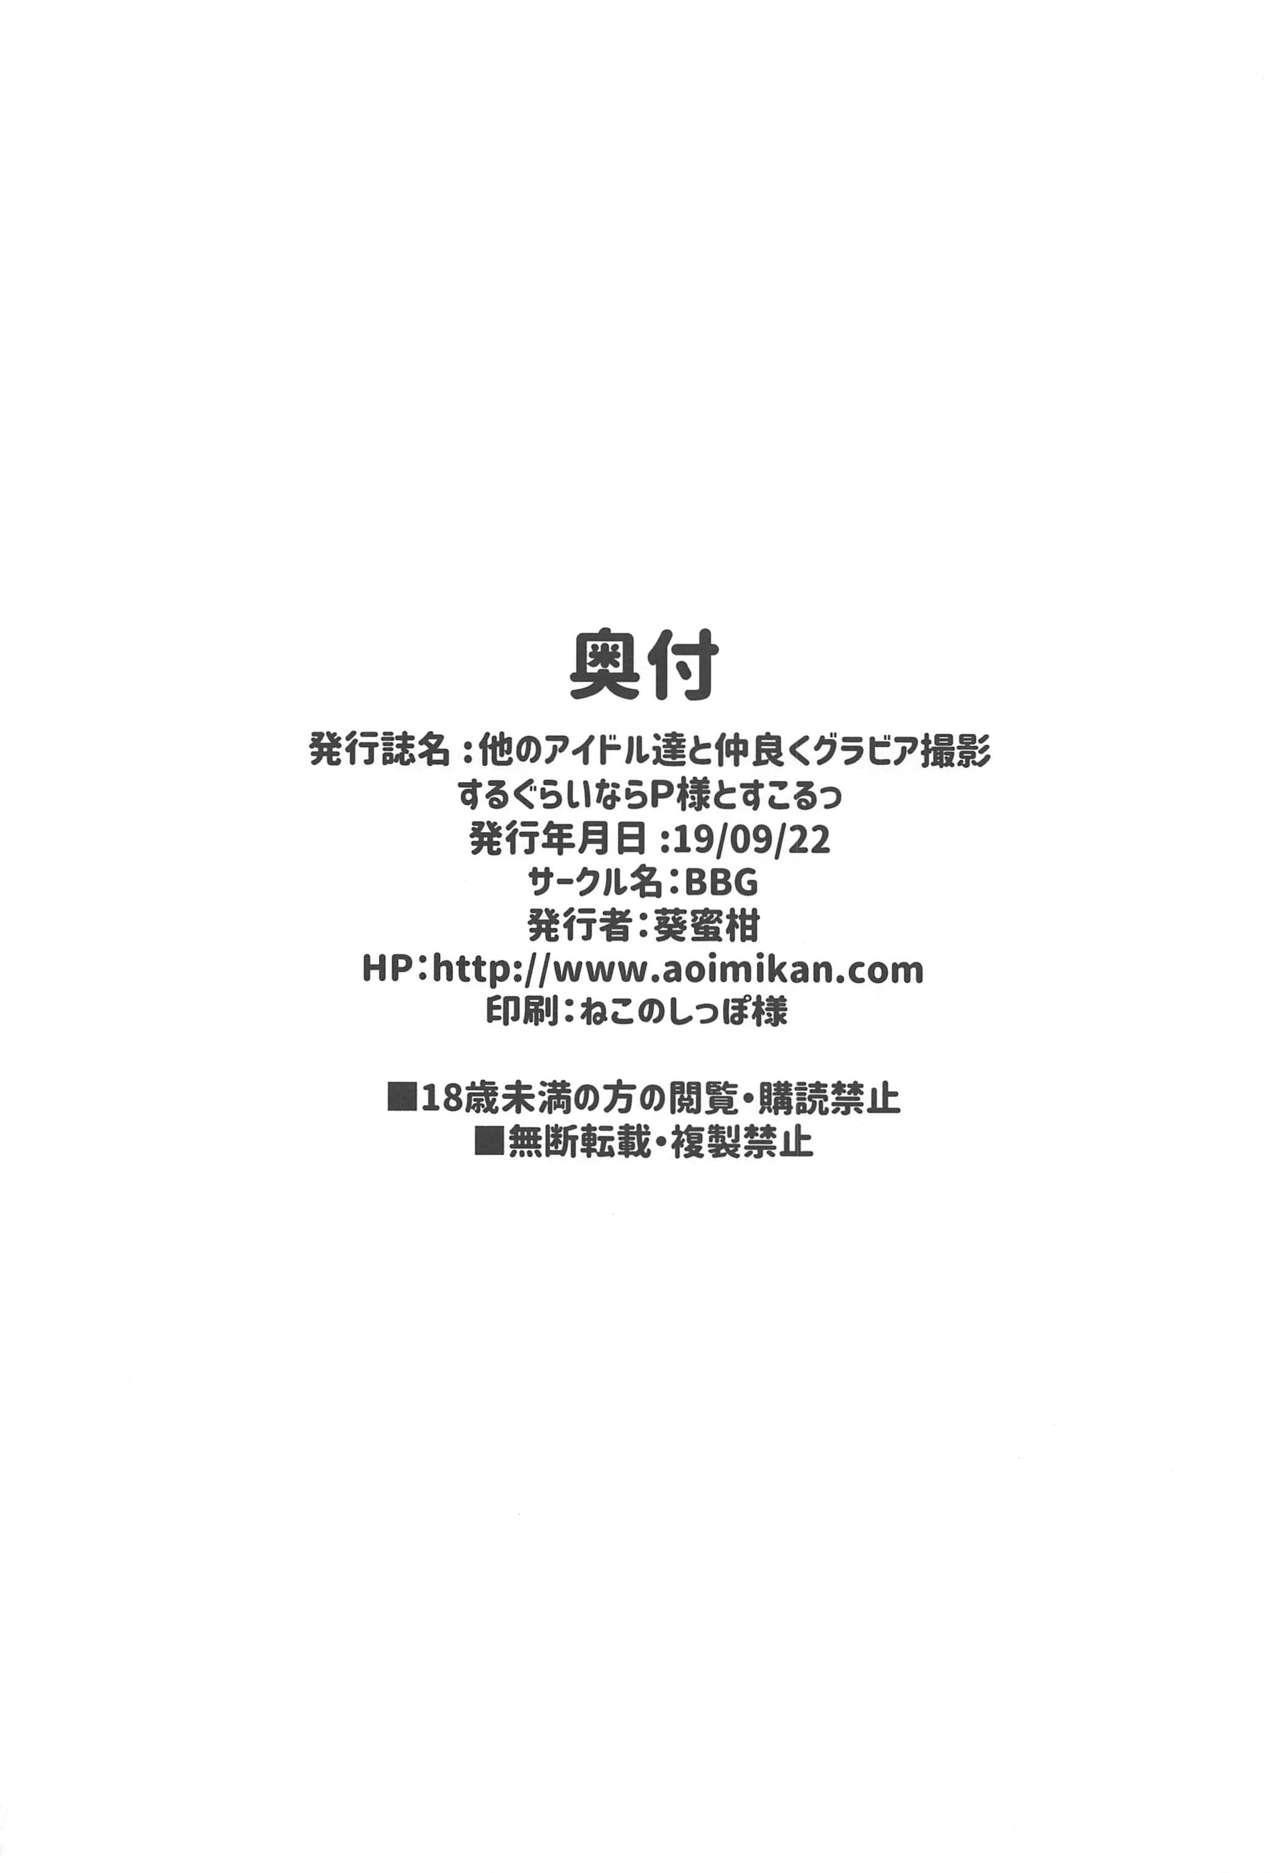 (Utahime Teien 20) [BBG (Aoi Mikan)] Hoka no Idol-tachi to Nakayoku Gravure Satsuei Suru Gurai nara P-sama to Sukoru (THE IDOLM@STER CINDERELLA GIRLS) 27